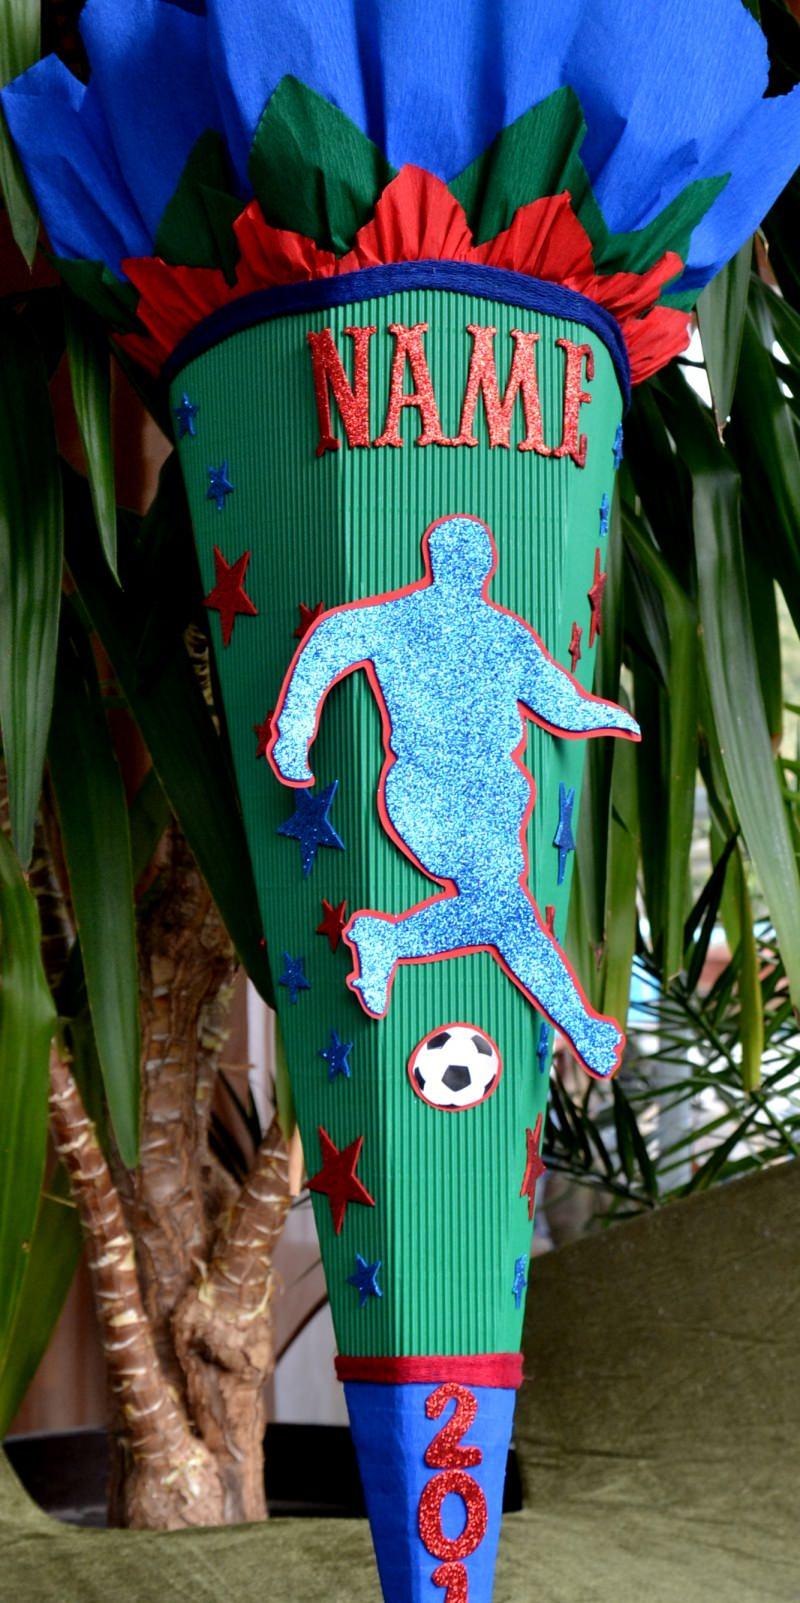 Kleinesbild -  Handgemachte Schultüte Zuckertüte Fußball für Jungs